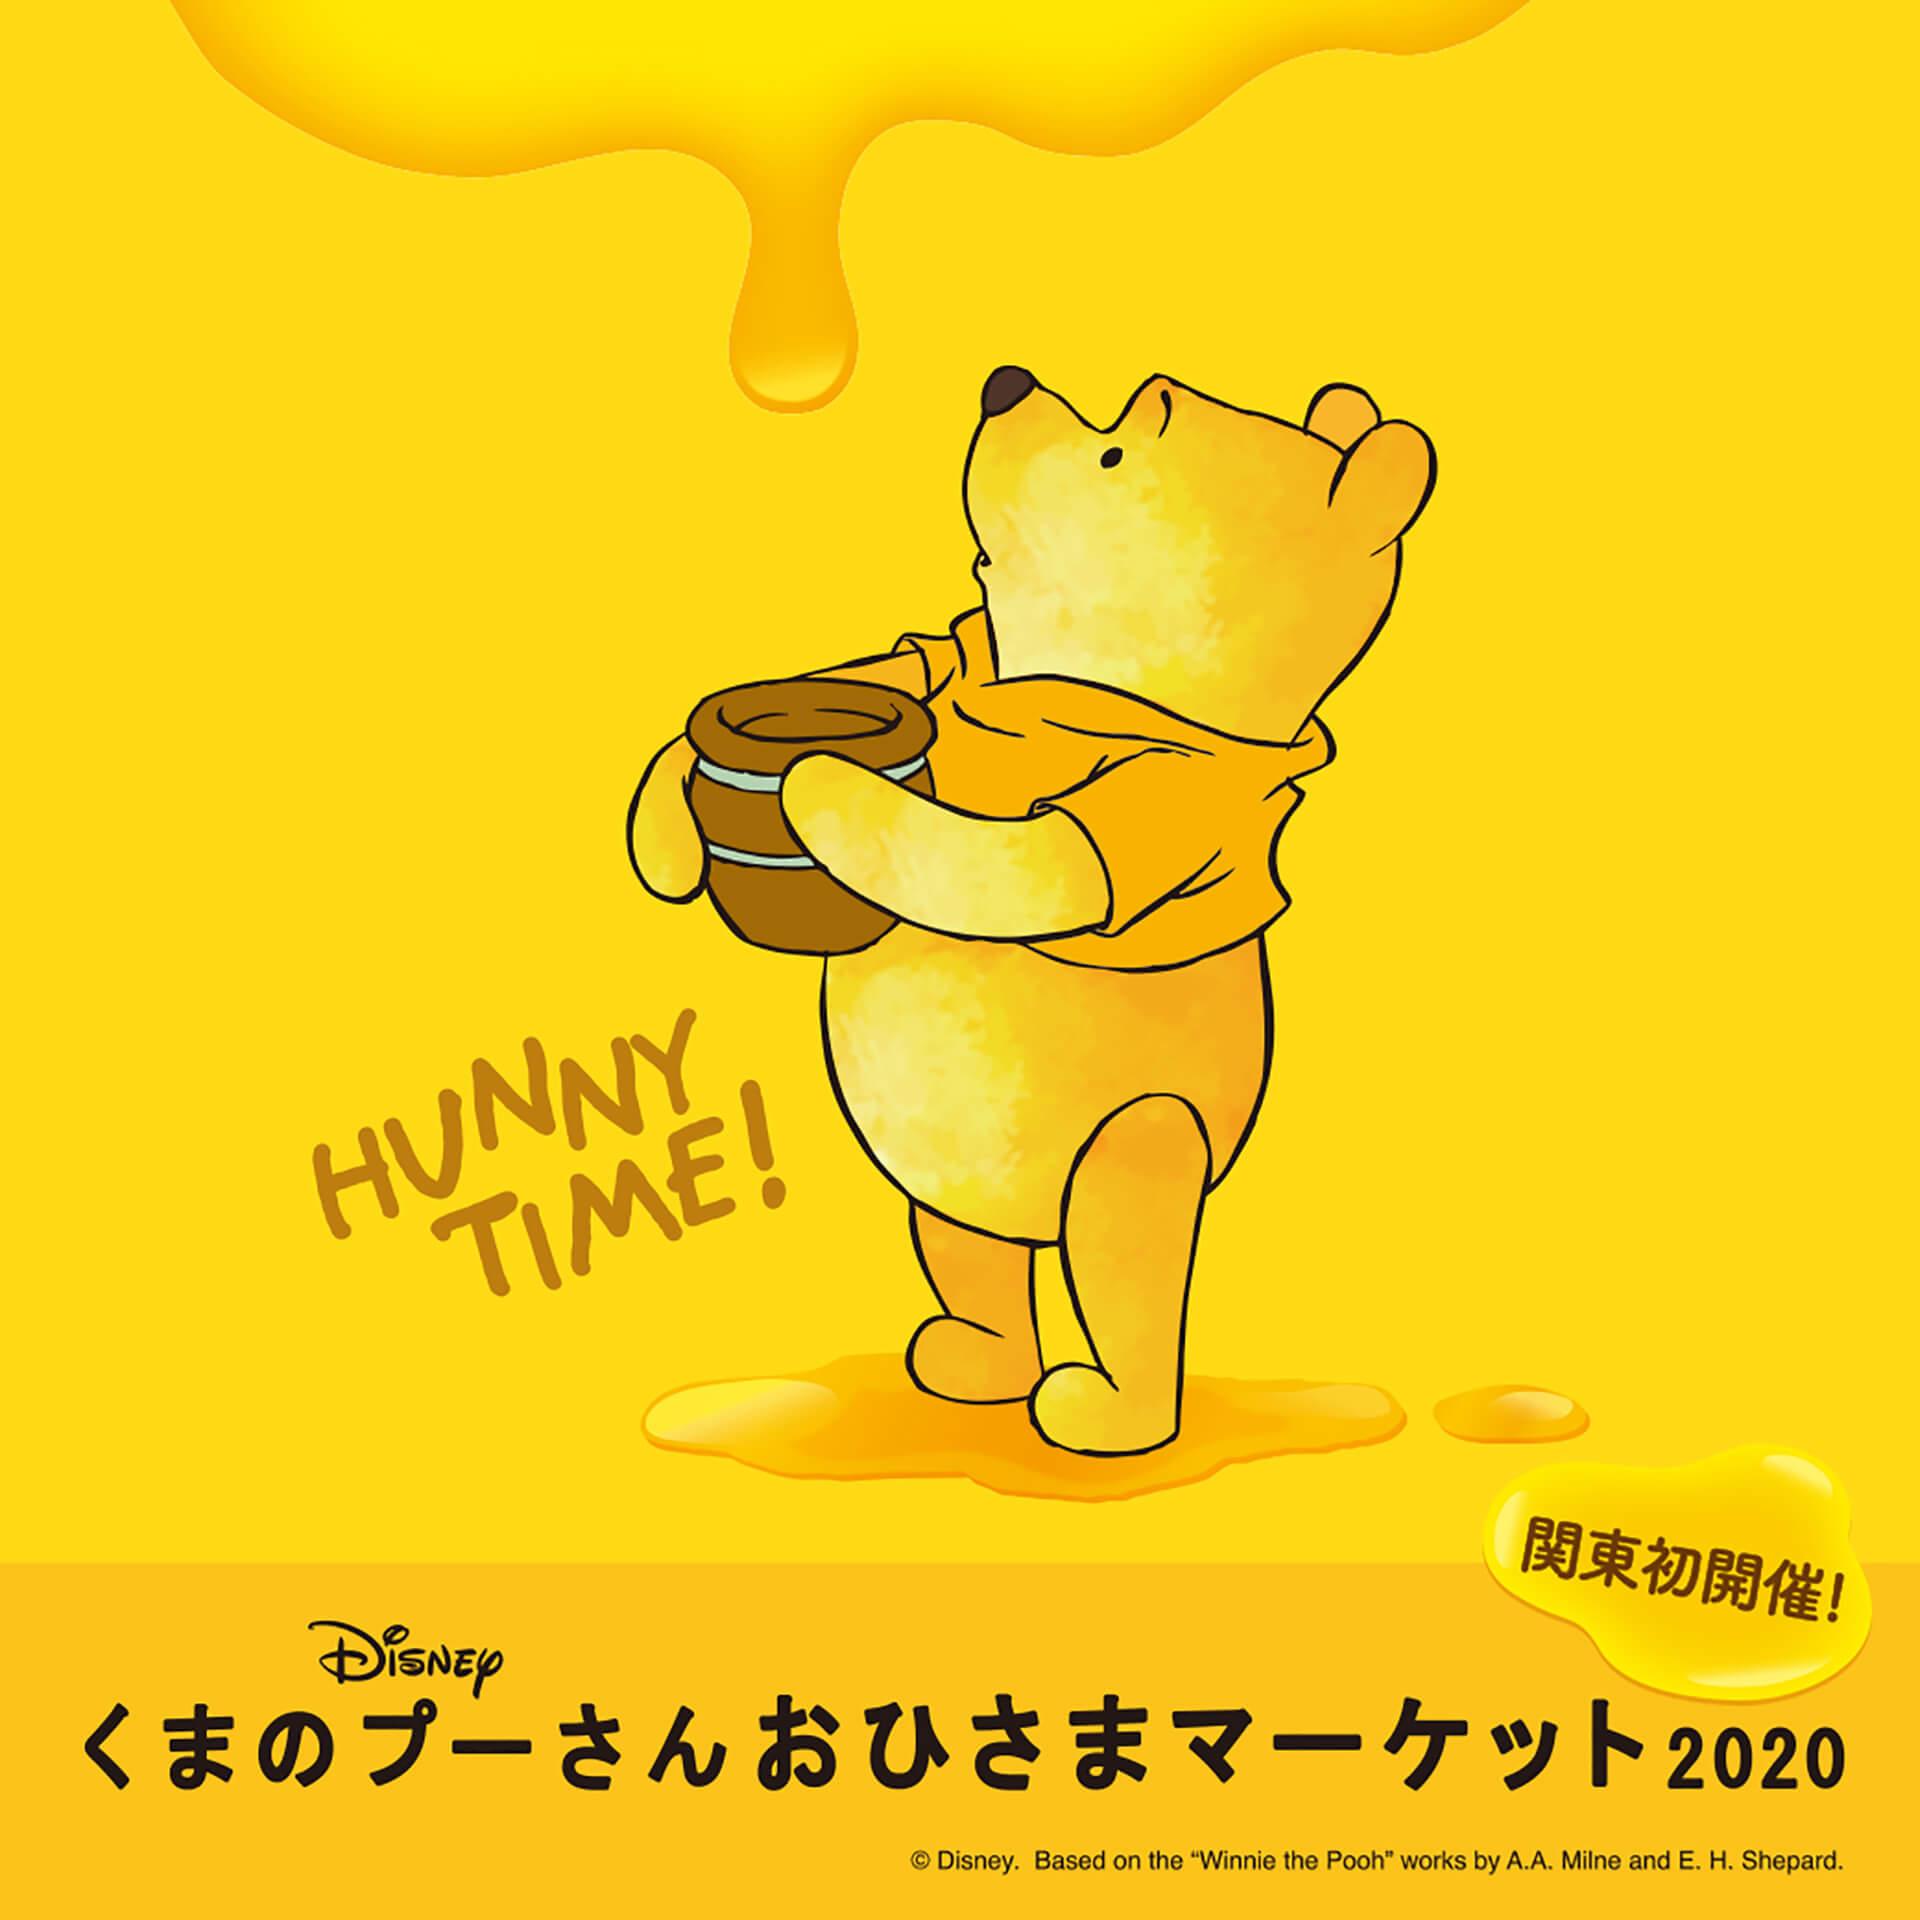 「くまのプーさん」おひさまマーケット2020バナー